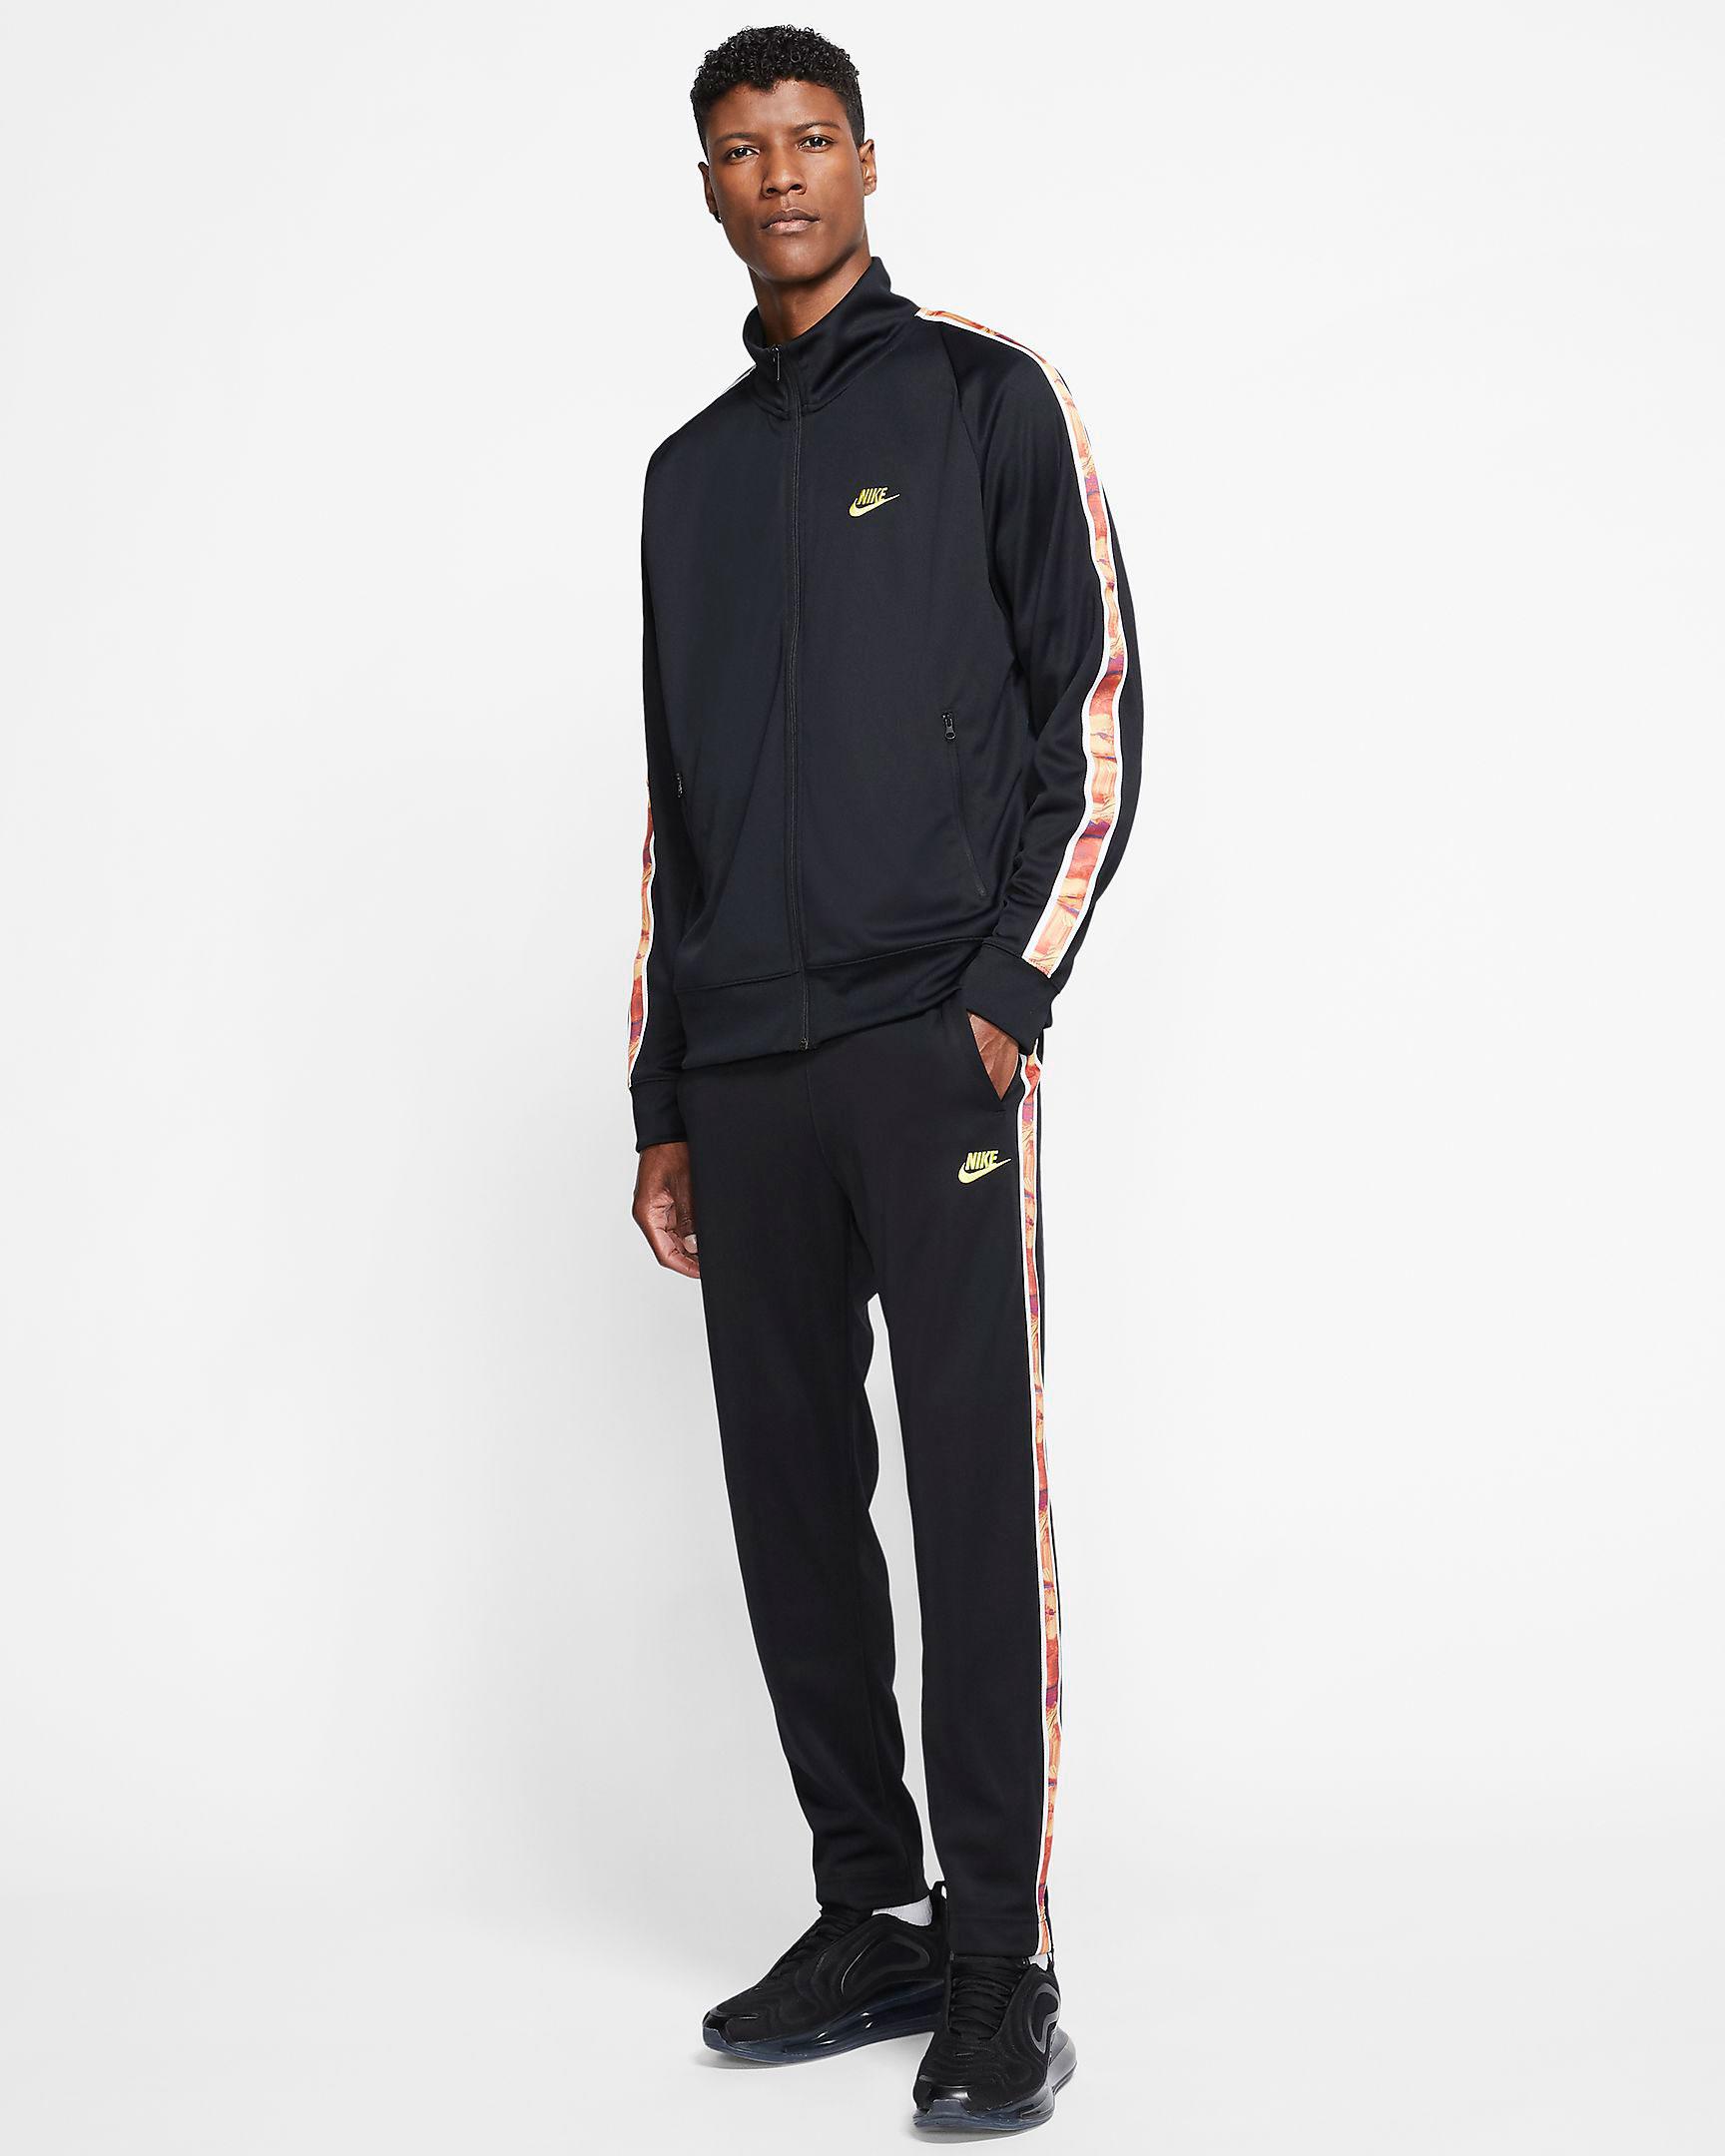 nike-organic-distortion-jacket-pants